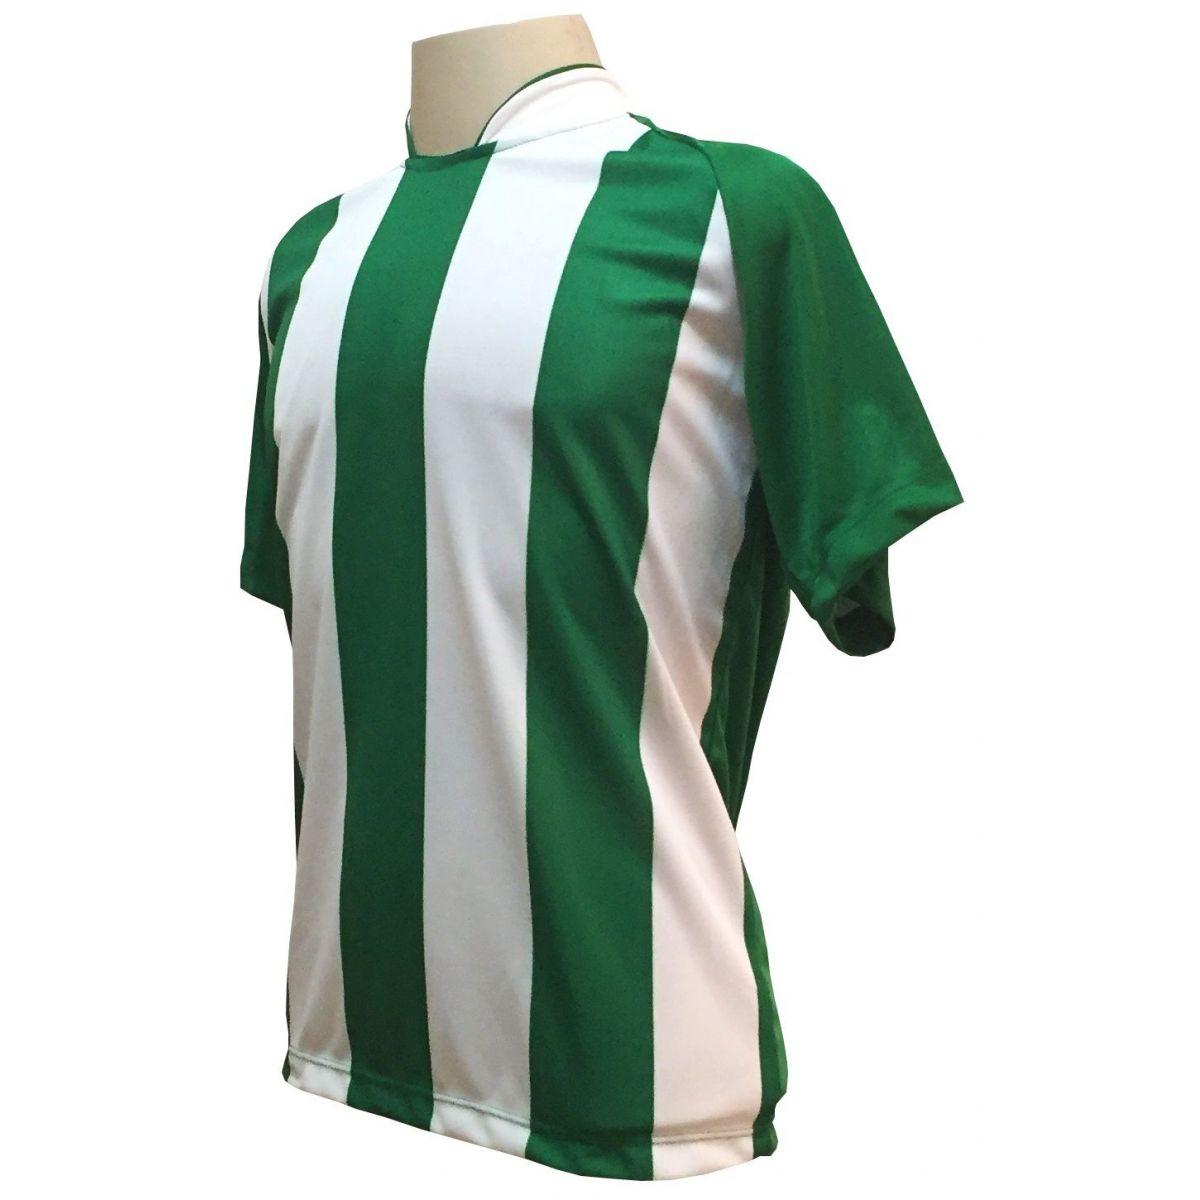 Uniforme Esportivo com 12 camisas modelo Milan Verde/Branco + 12 calções modelo Madrid Branco + Brindes